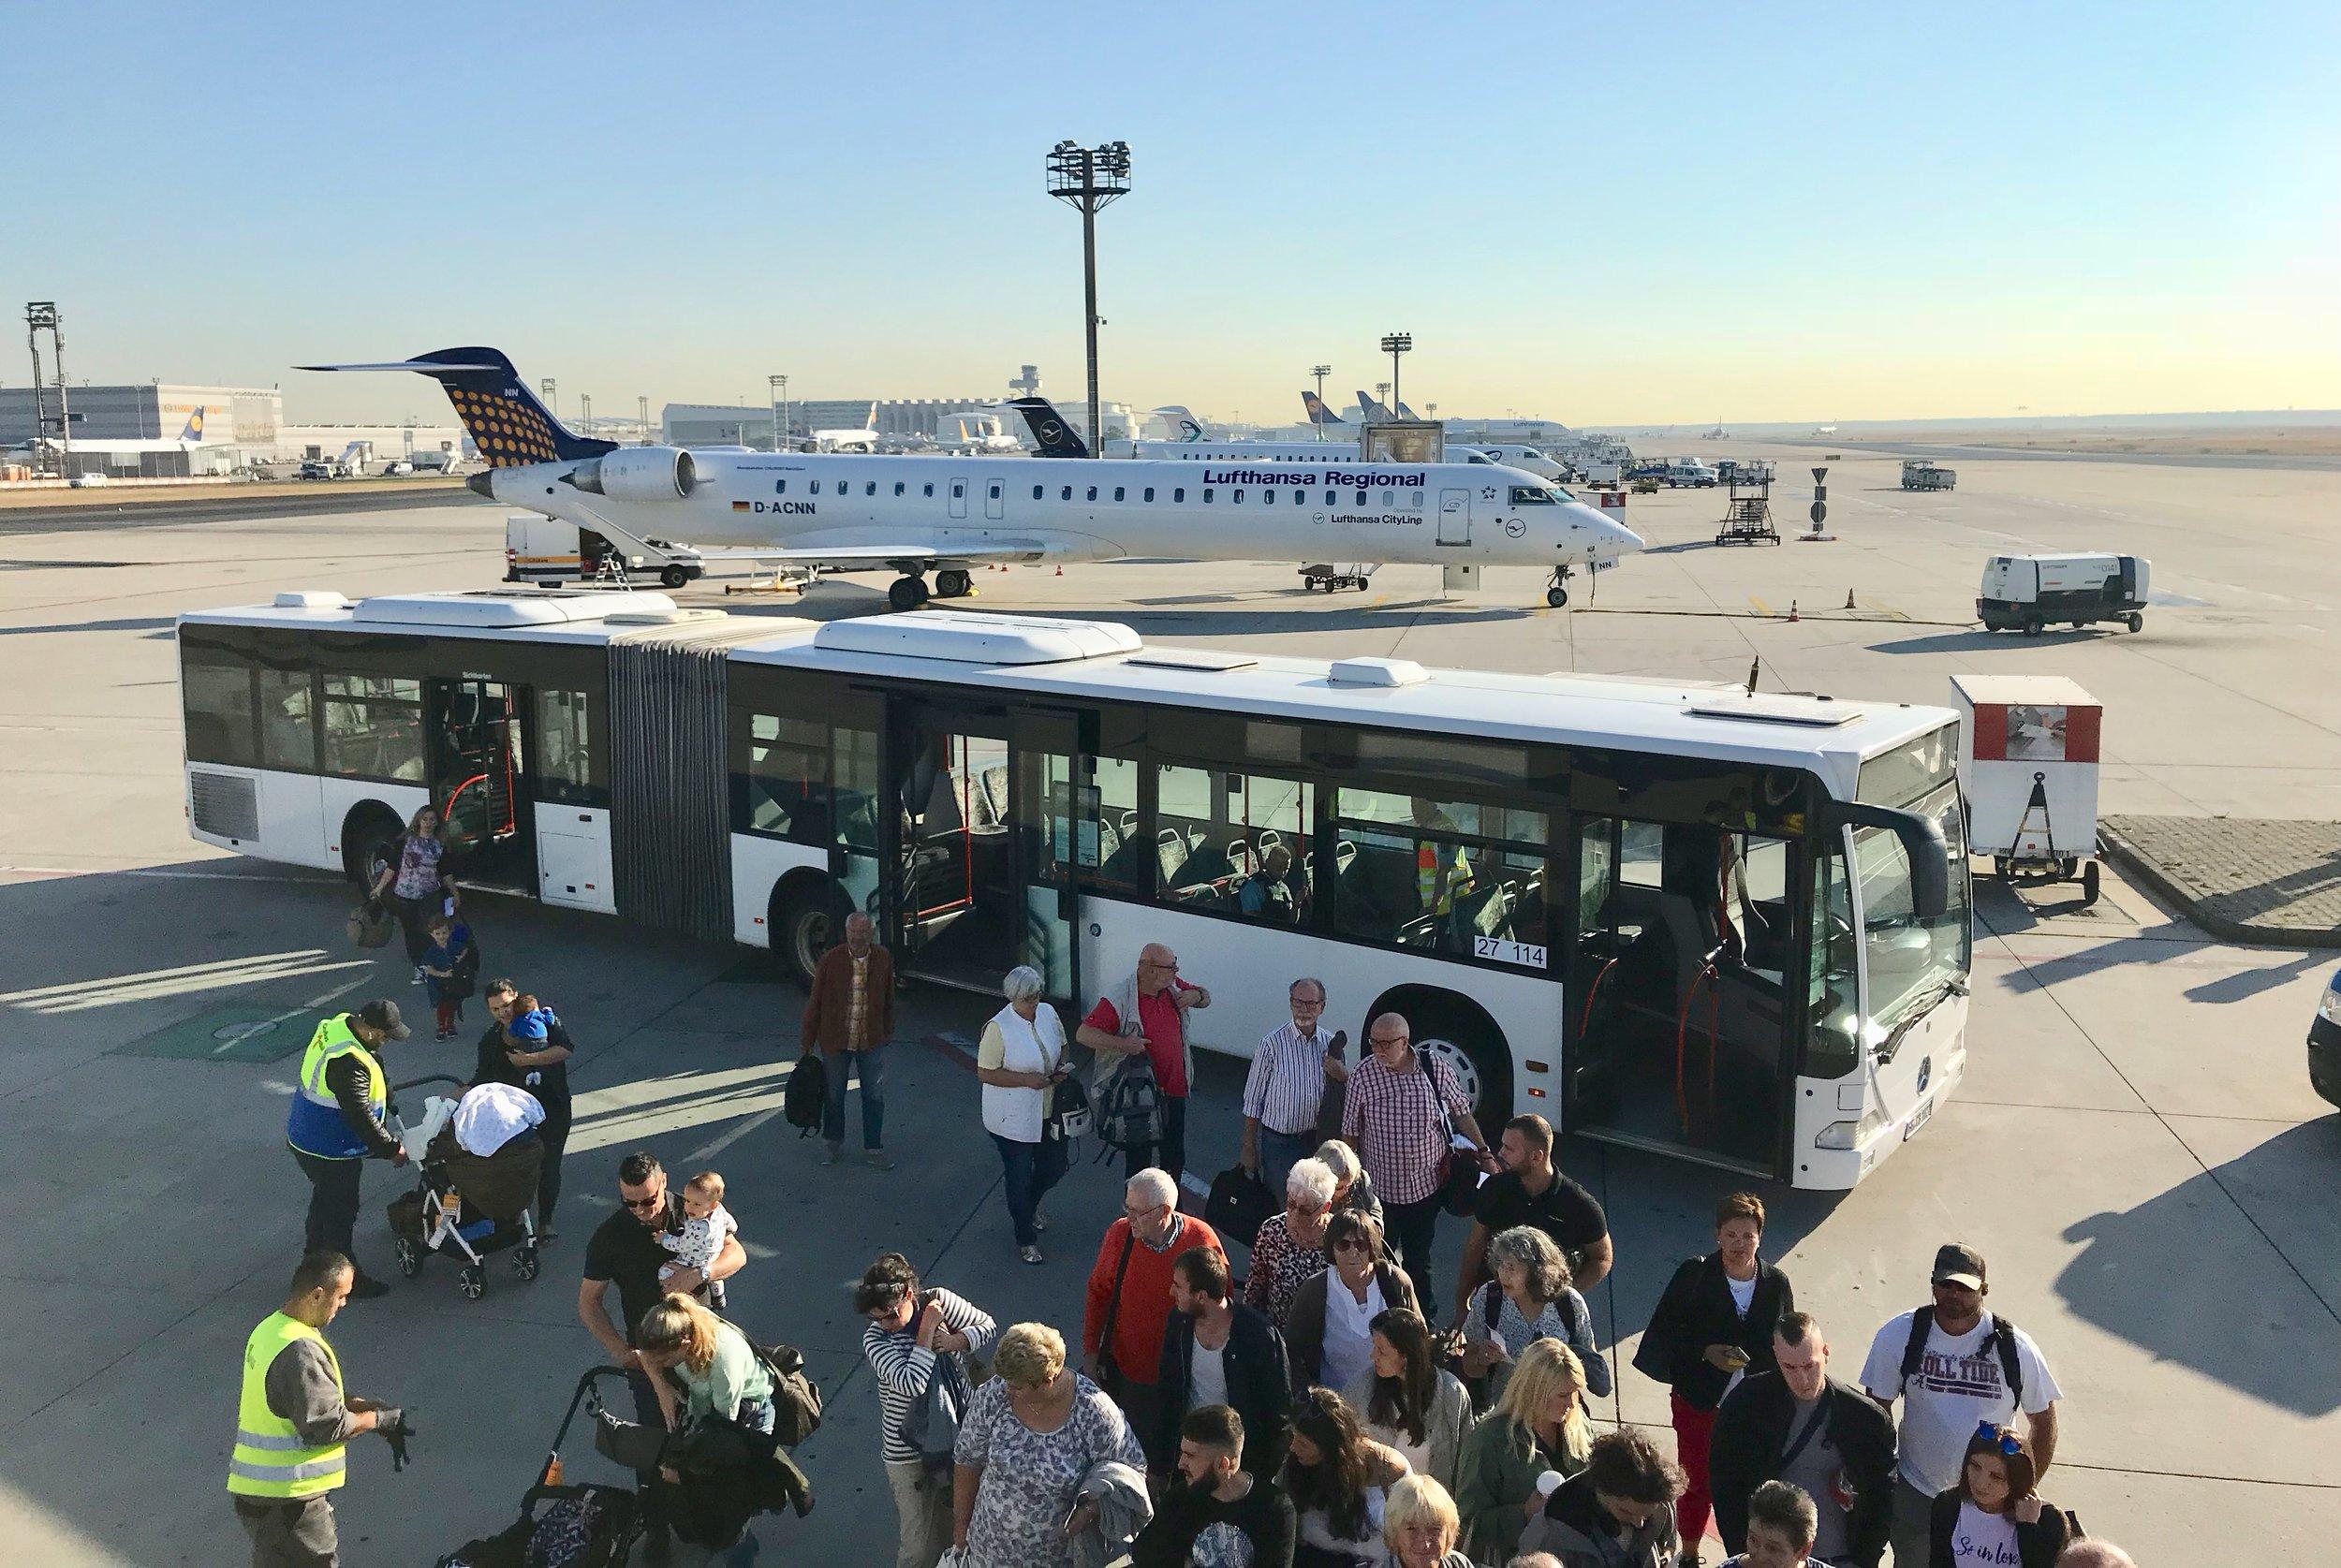 Dersom det ikke er plass til deg på flyet så har do gode rettigheter. Foto: Odd Roar Lange